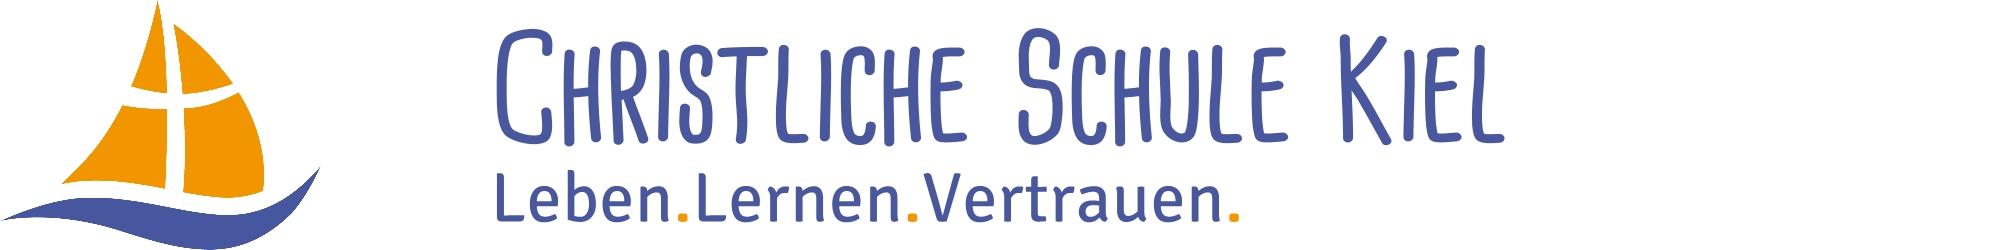 Christliche Schule Kiel